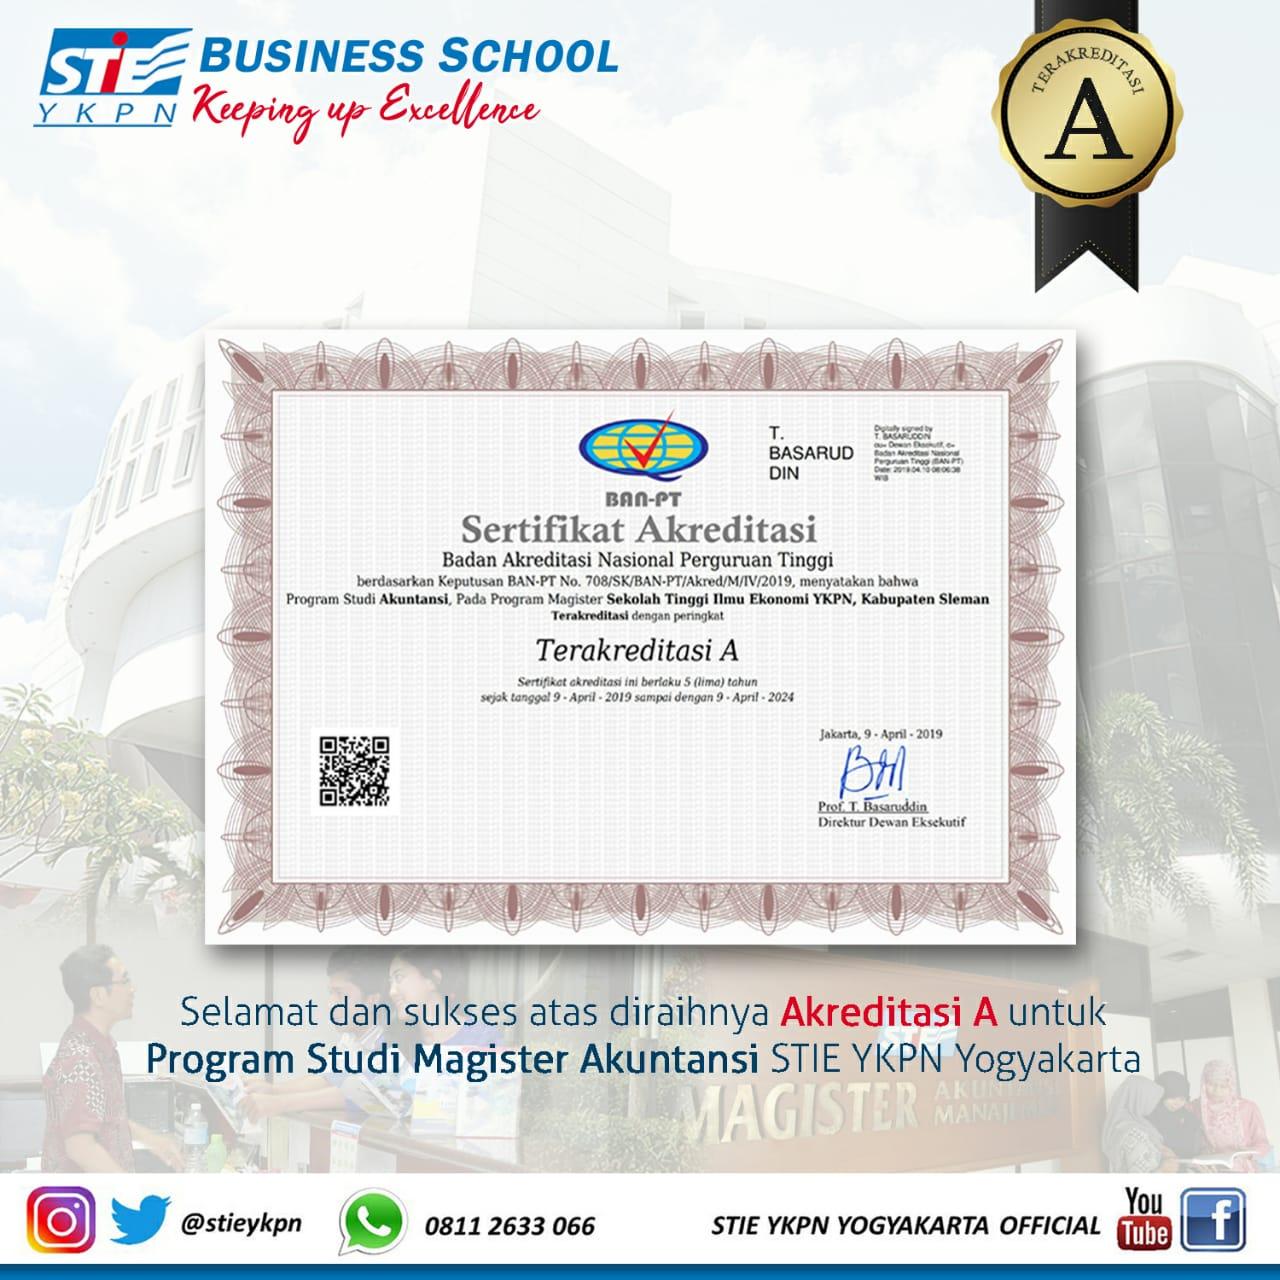 Akreditasi A Untuk Program Studi Magister Akuntansi